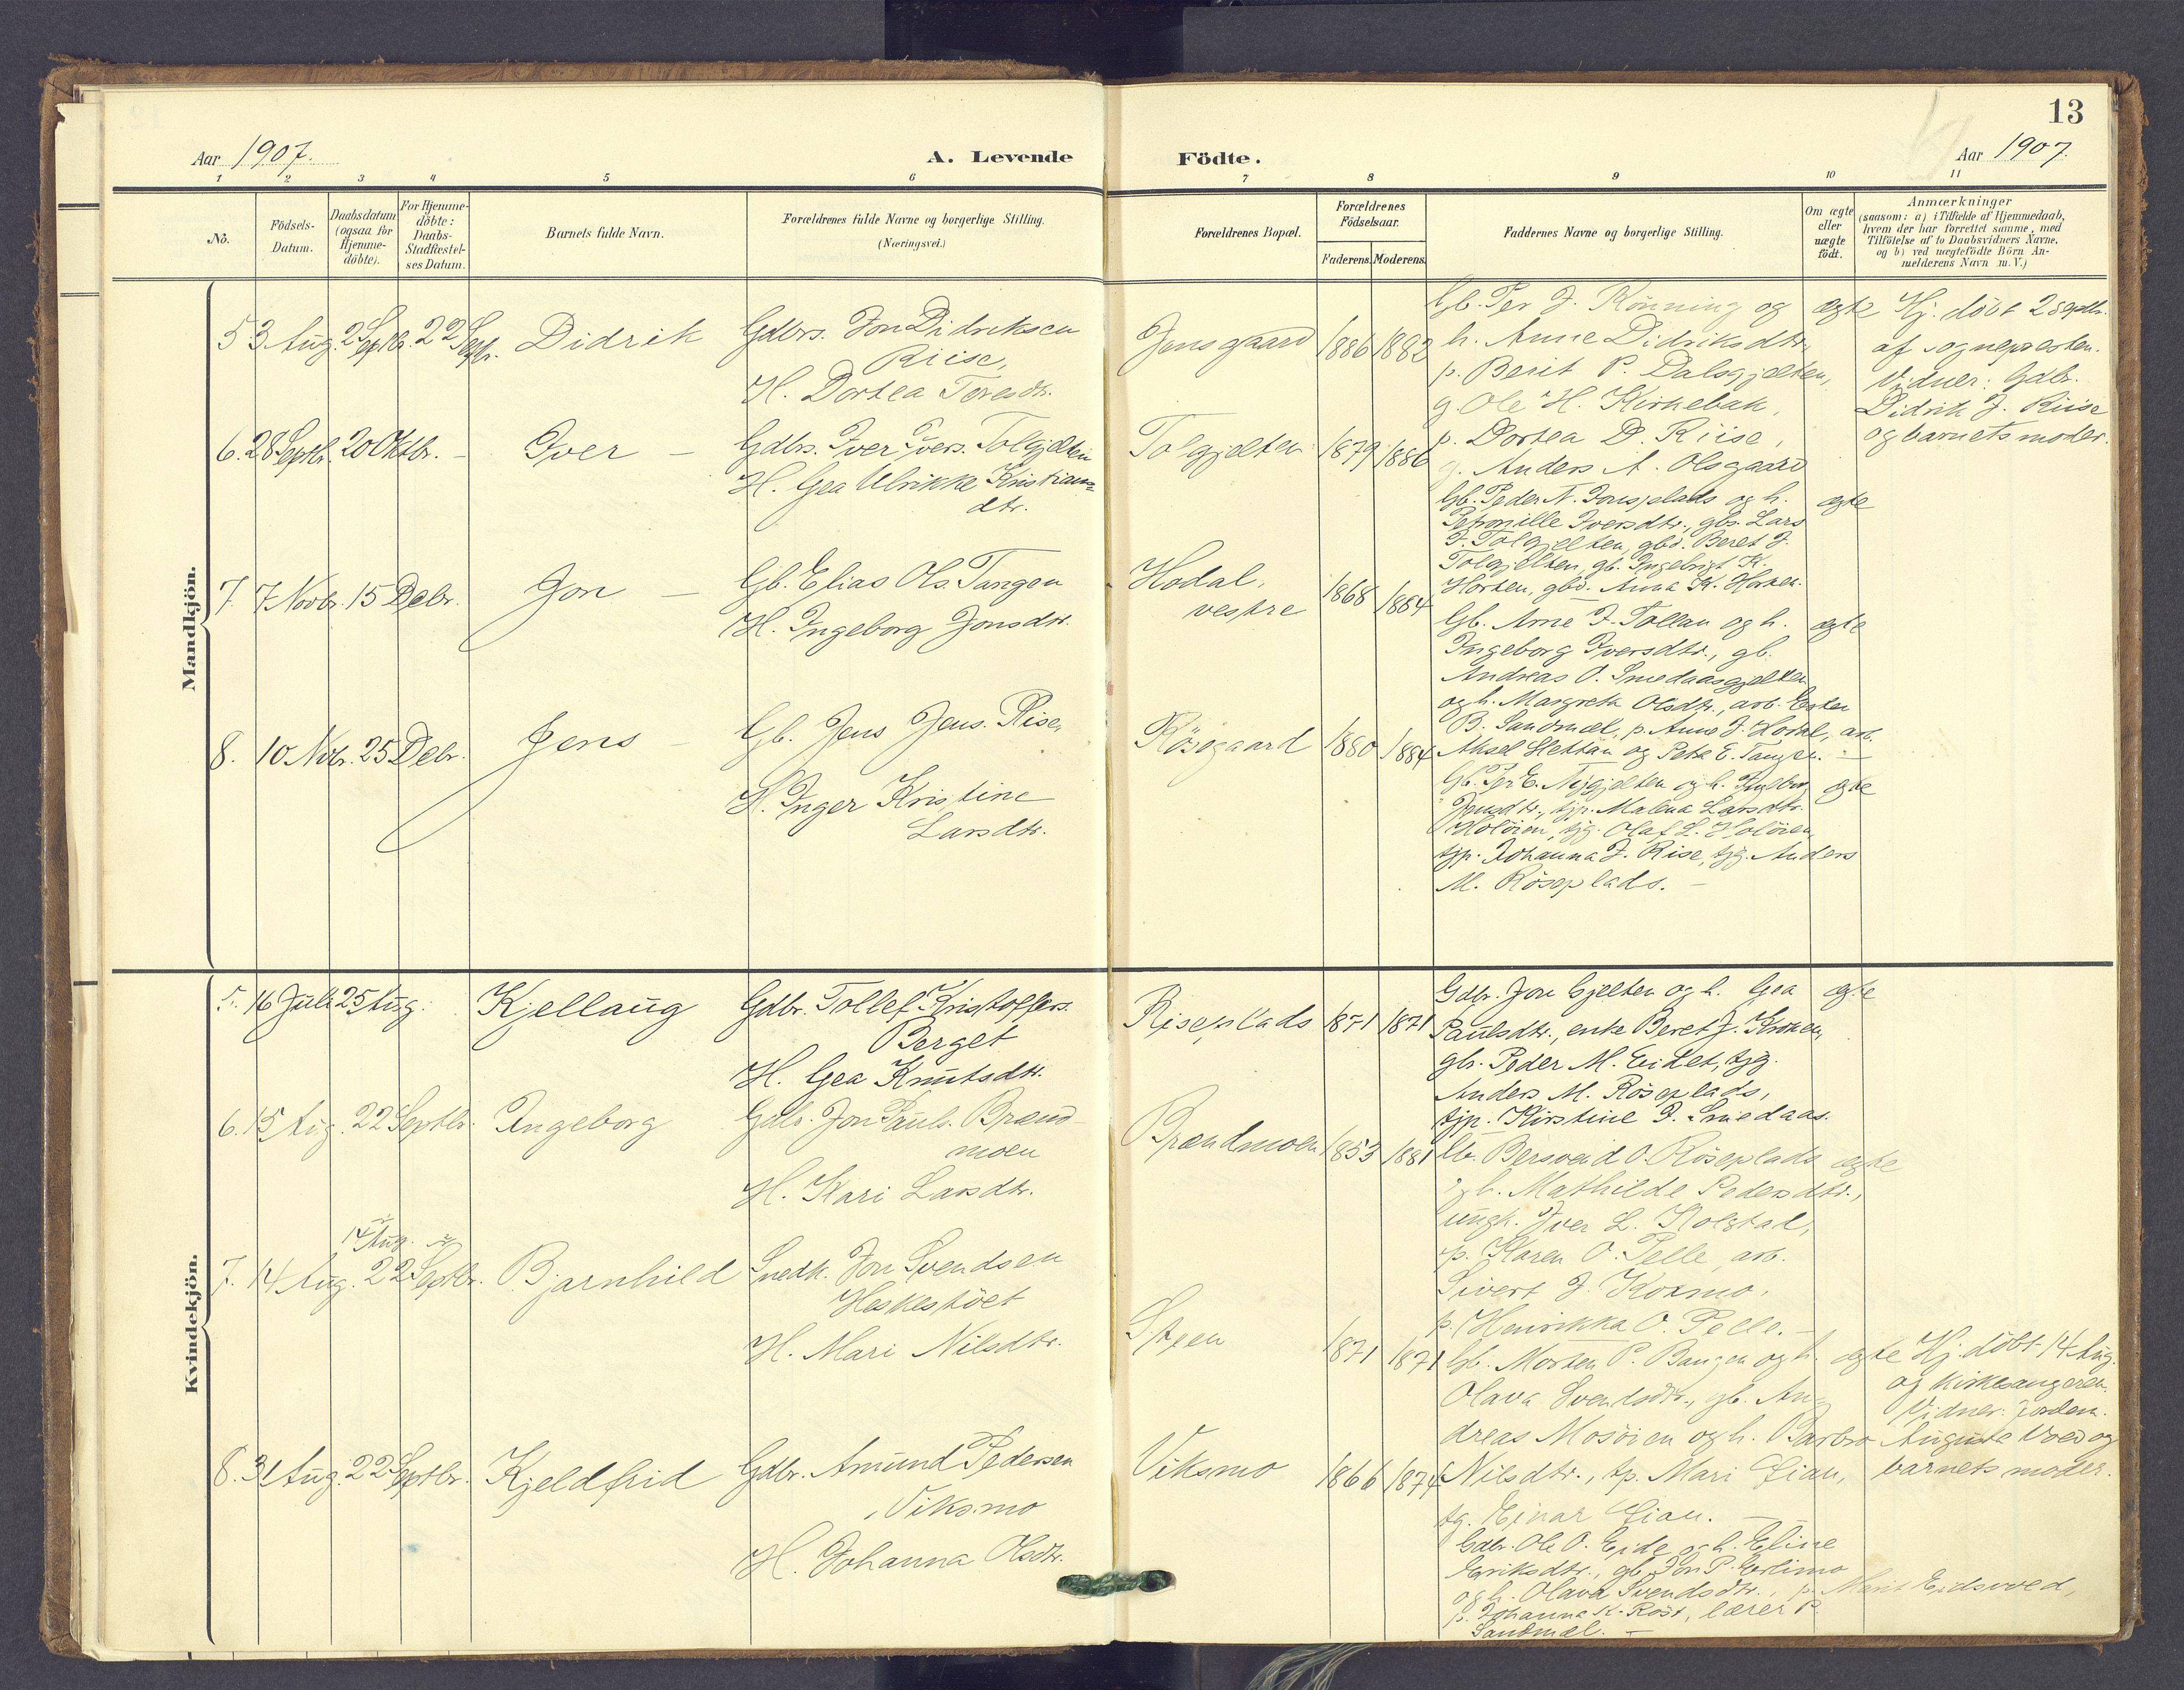 SAH, Tolga prestekontor, K/L0014: Parish register (official) no. 14, 1903-1929, p. 13